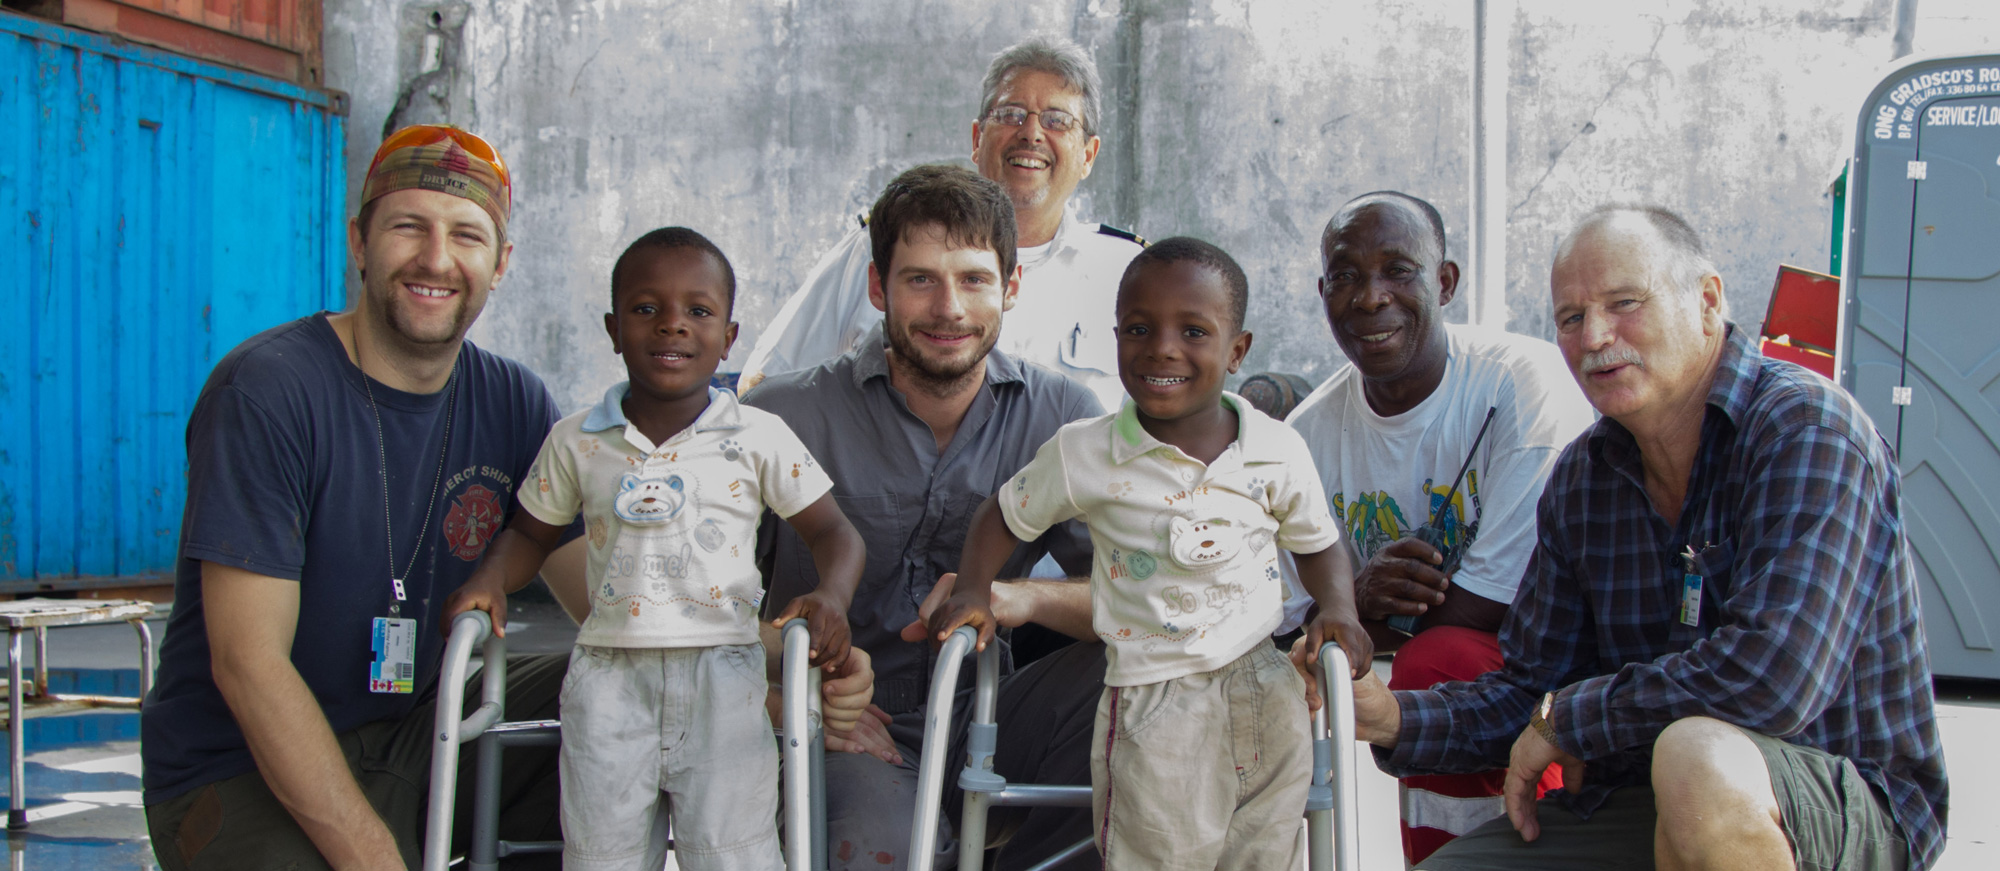 Nordheim Stiftung – Weltweit im Einsatz